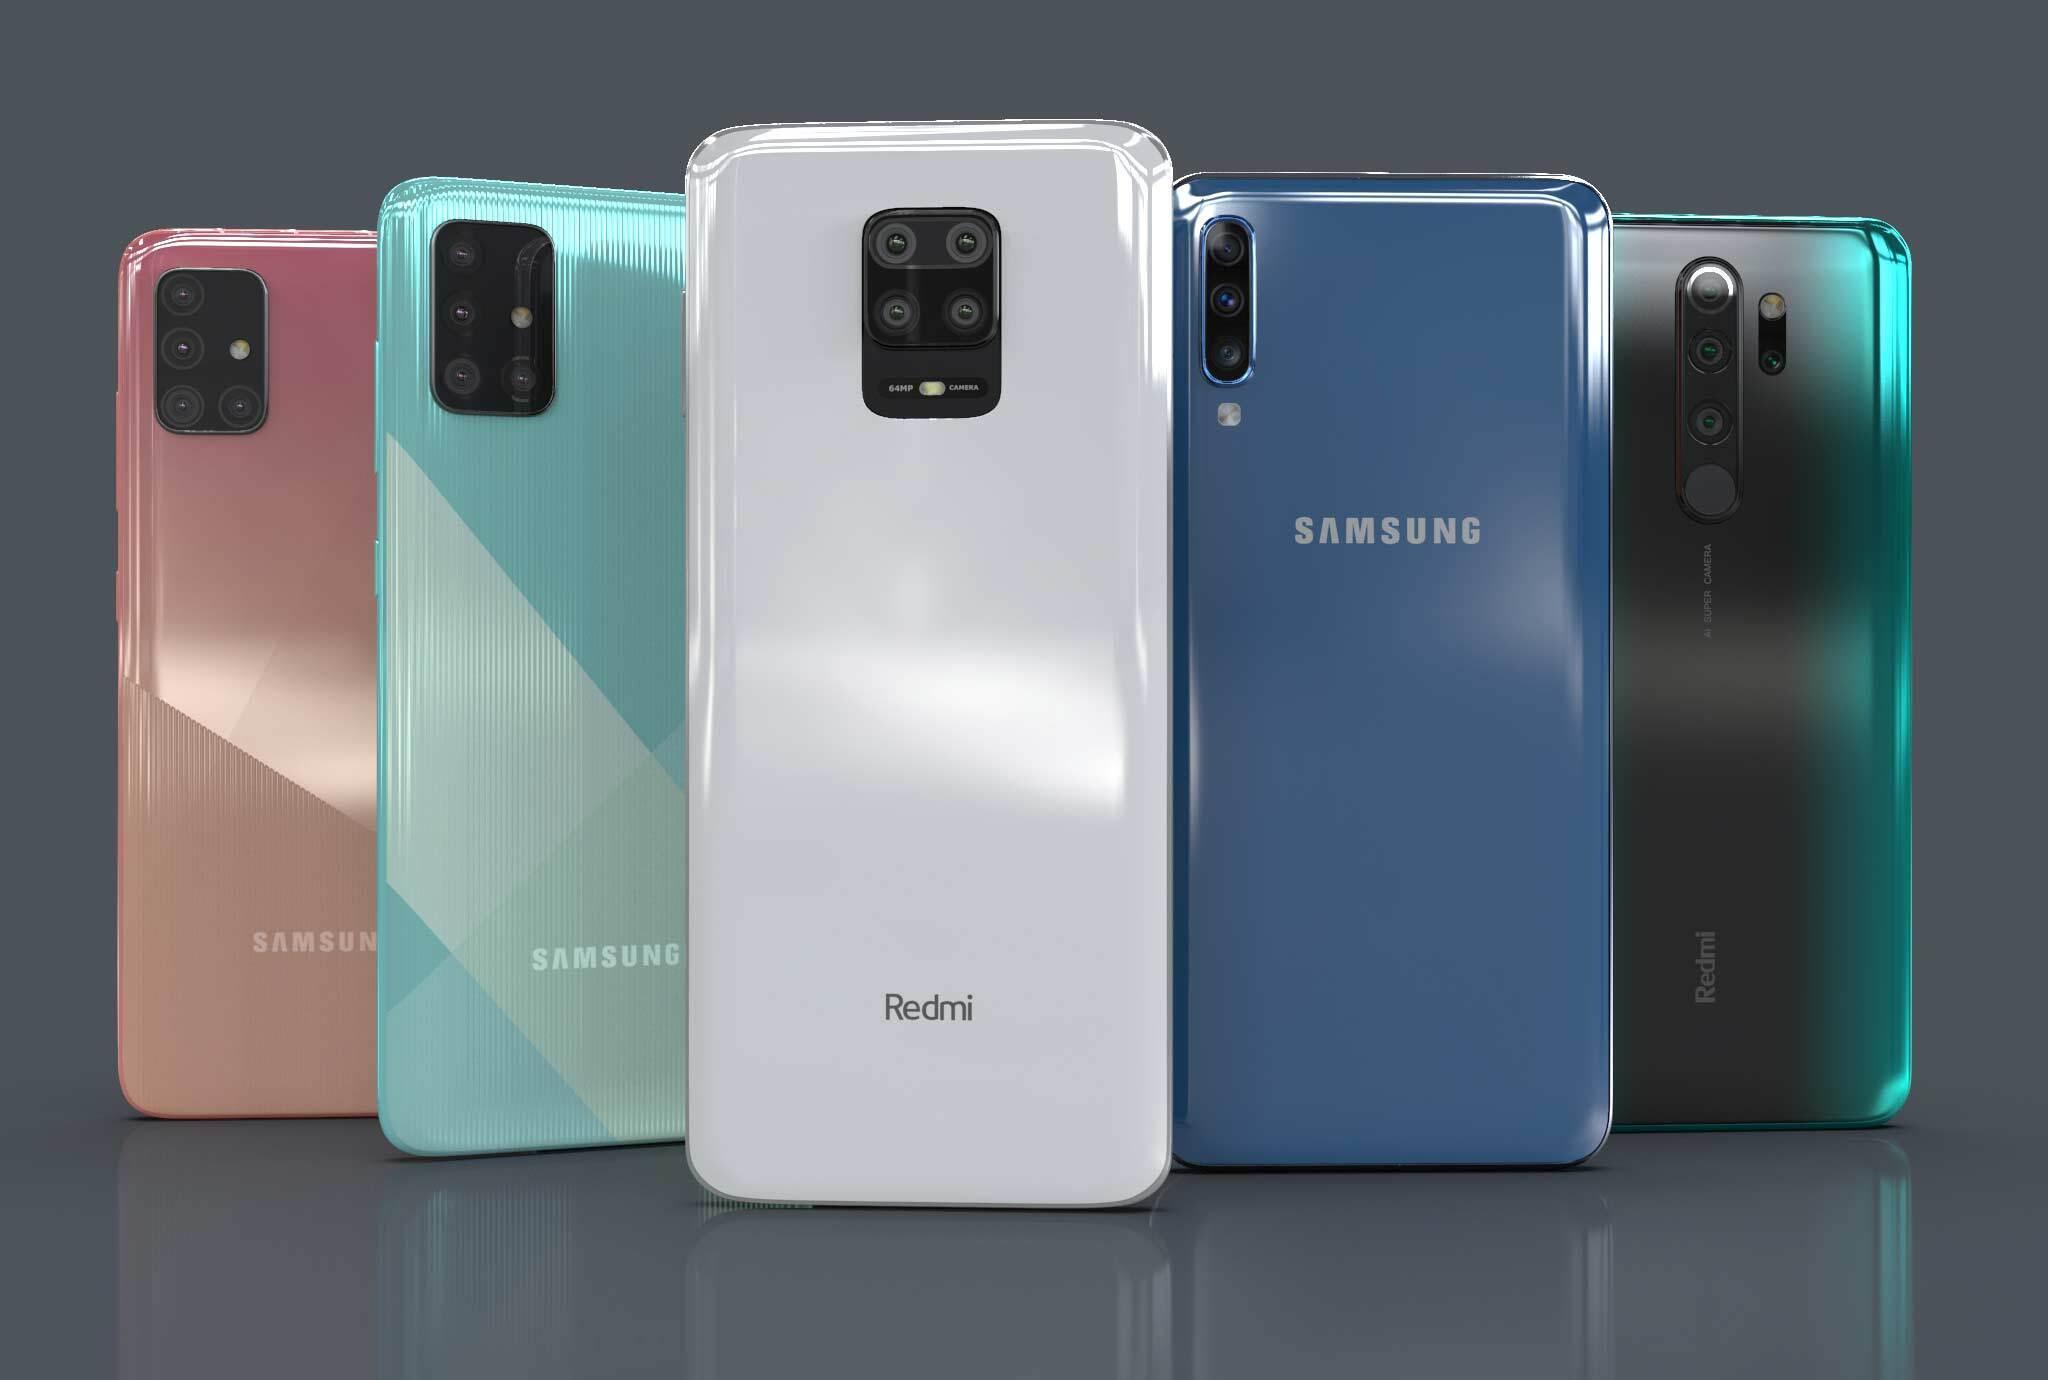 قیمت انواع گوشی موبایل امروز جمعه 20 فروردین 1400